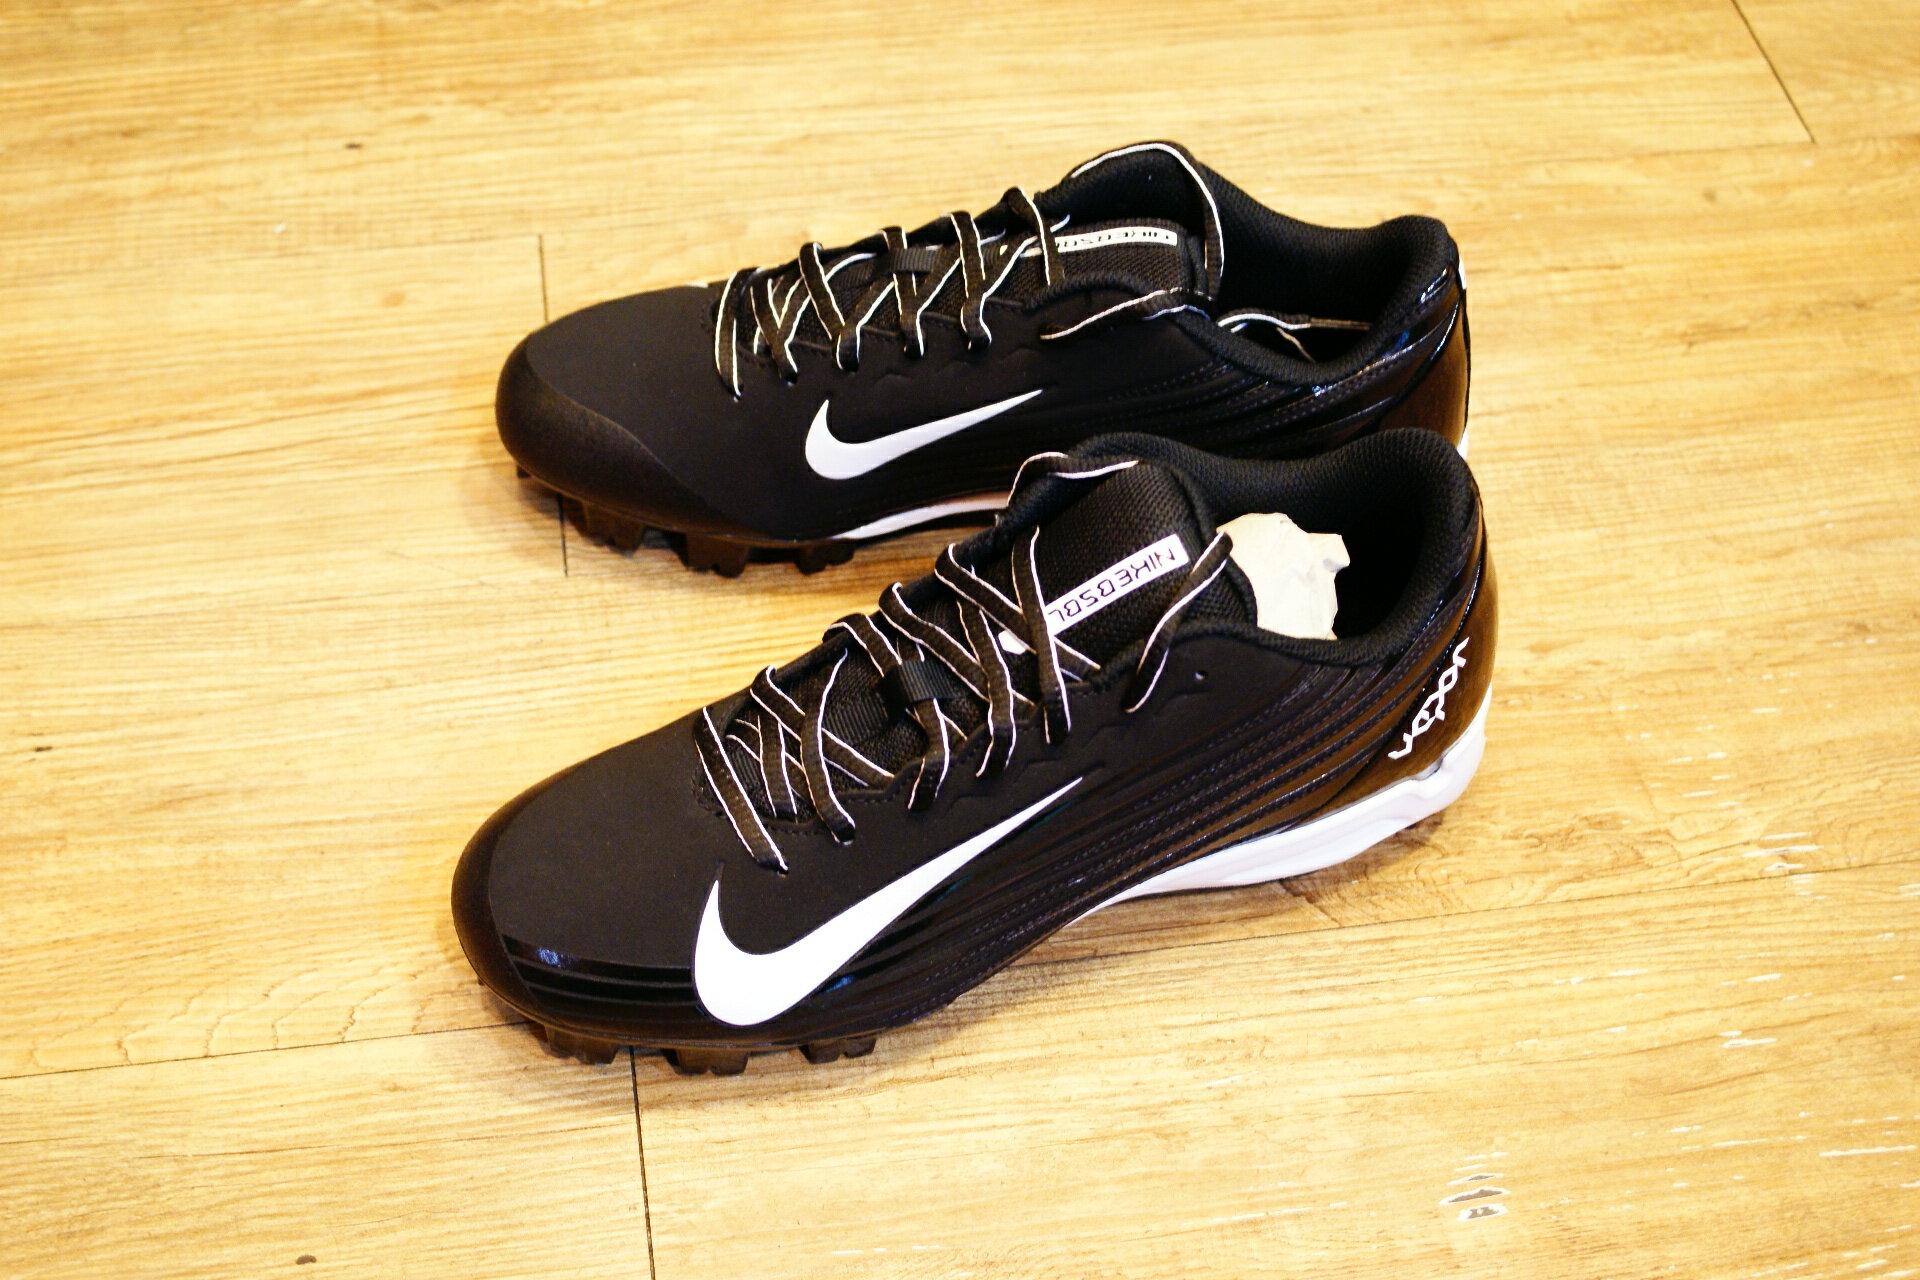 棒球世界14年新款 nike vapor strike 黑白配色 膠釘壘球鞋 特價